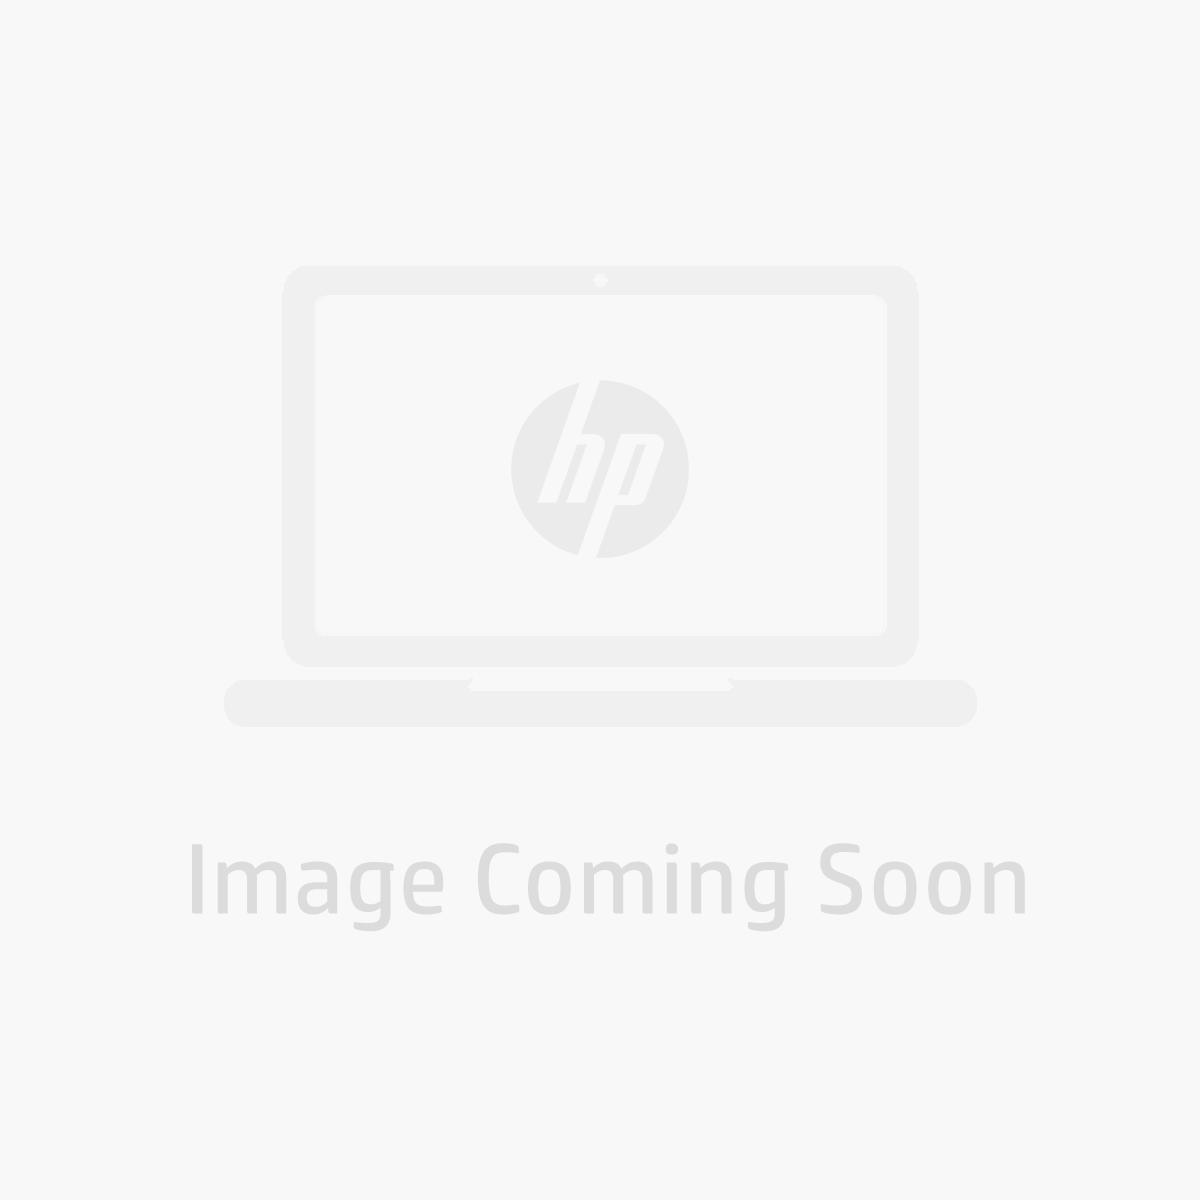 HP 78 Large Tri-colour Inkjet Print Cartridge